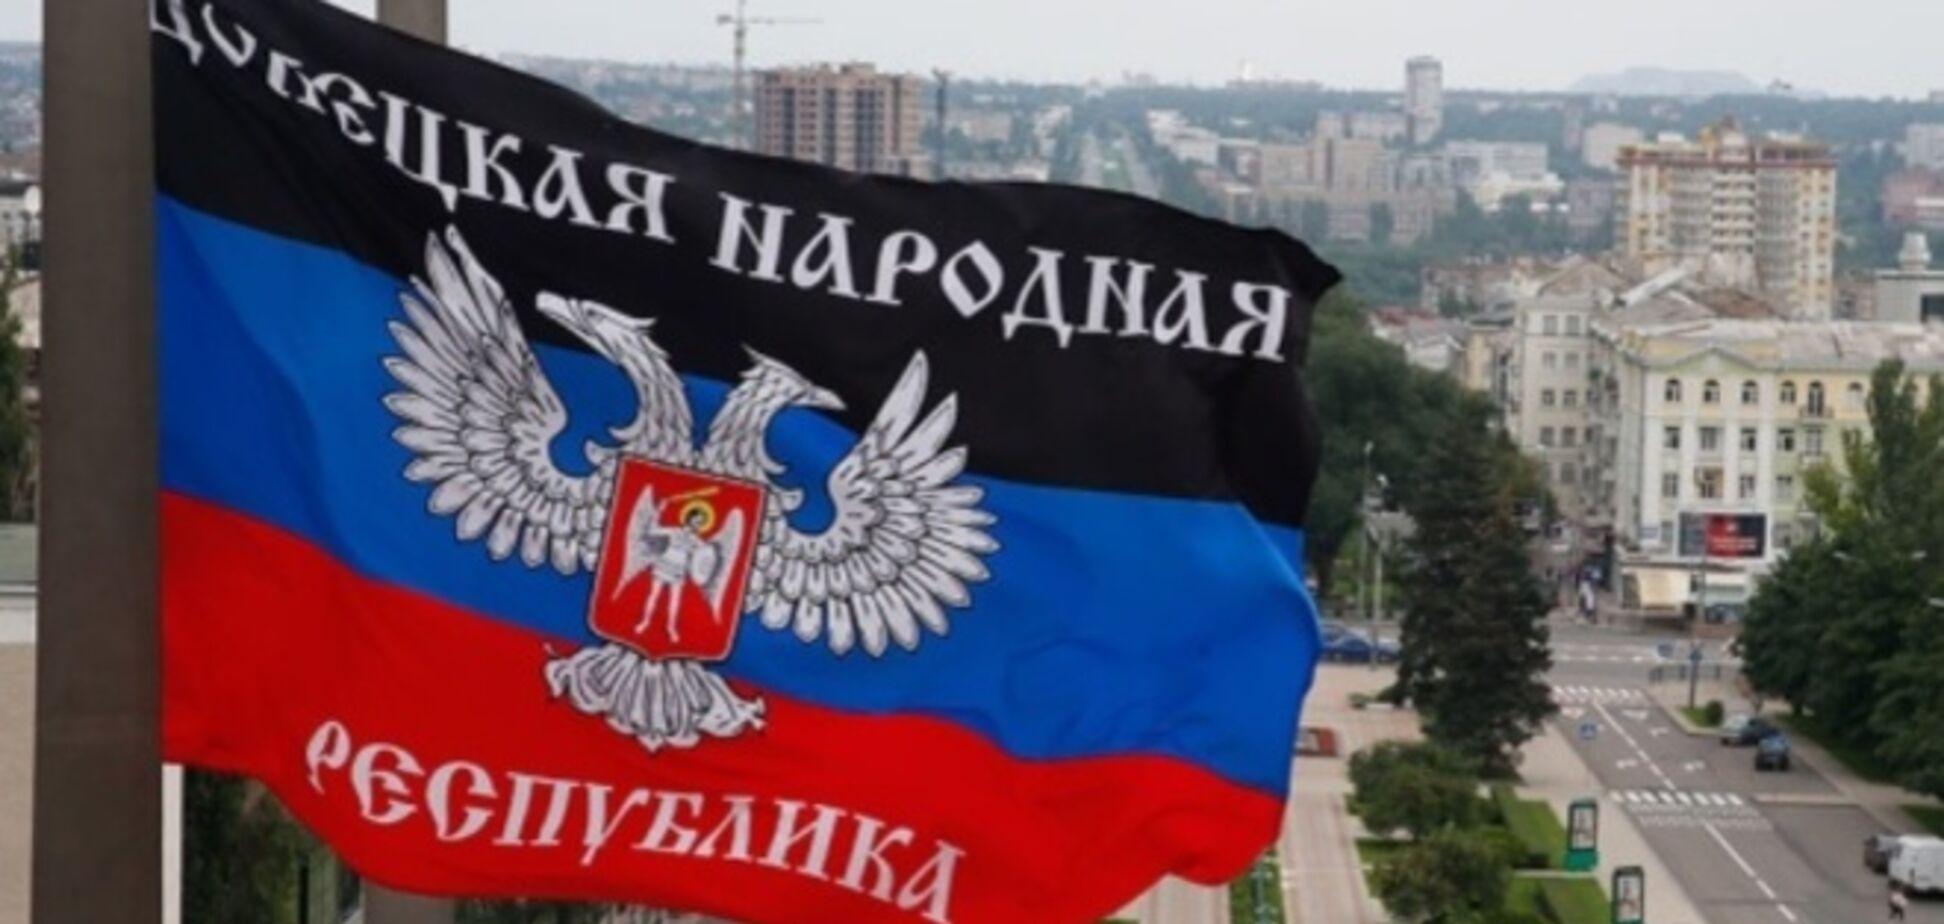 Военный эксперт рассказал, что будет, когда 'ДНР' признают террористической организацией